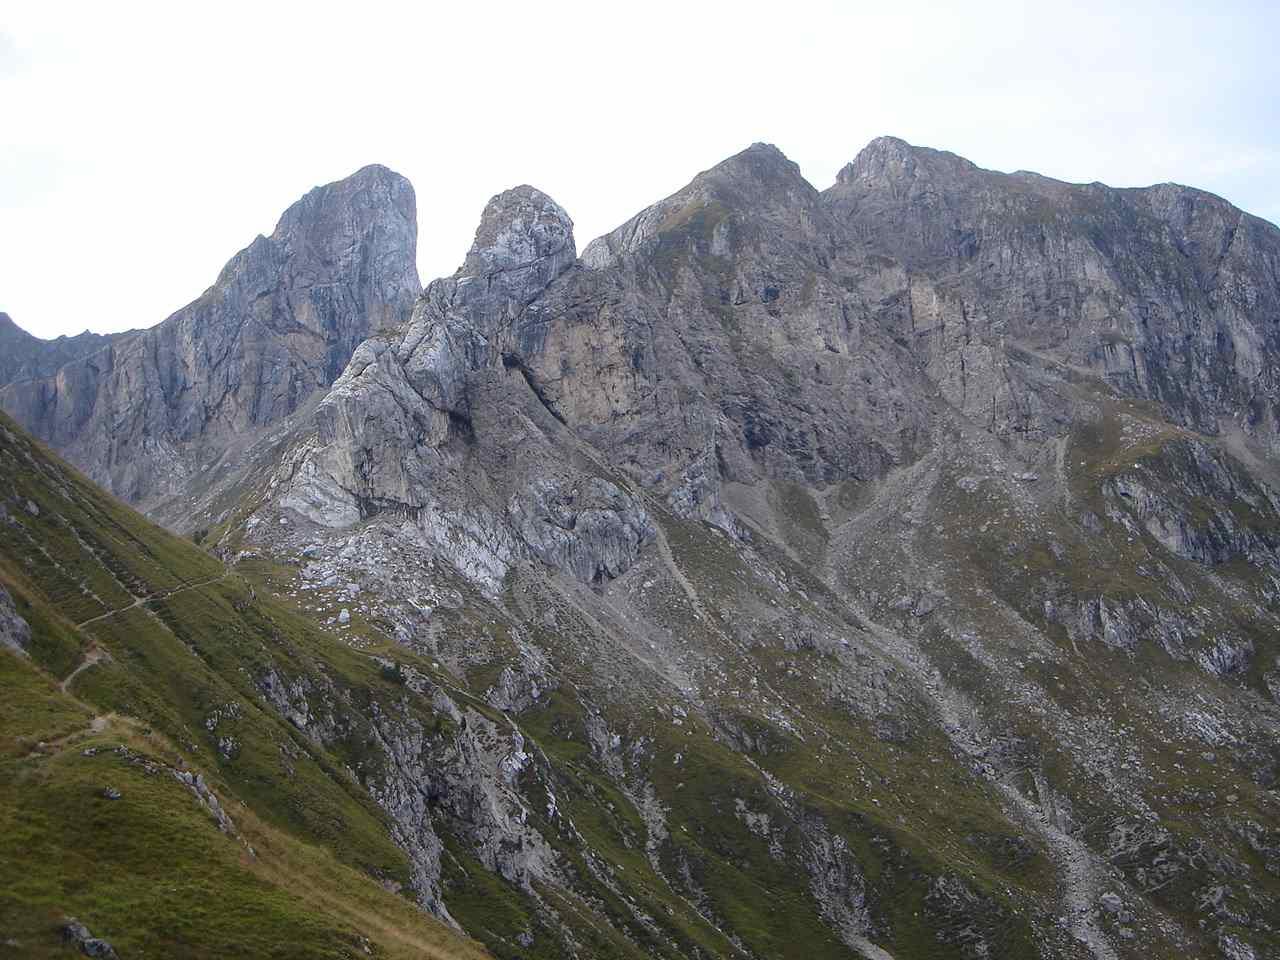 Foto: Manfred Karl / Wander Tour / Monte Cernera (2664m) / Der wilde Zacken des Torre Dusso, rechts davon der Cernerastock. / 05.05.2007 19:26:31